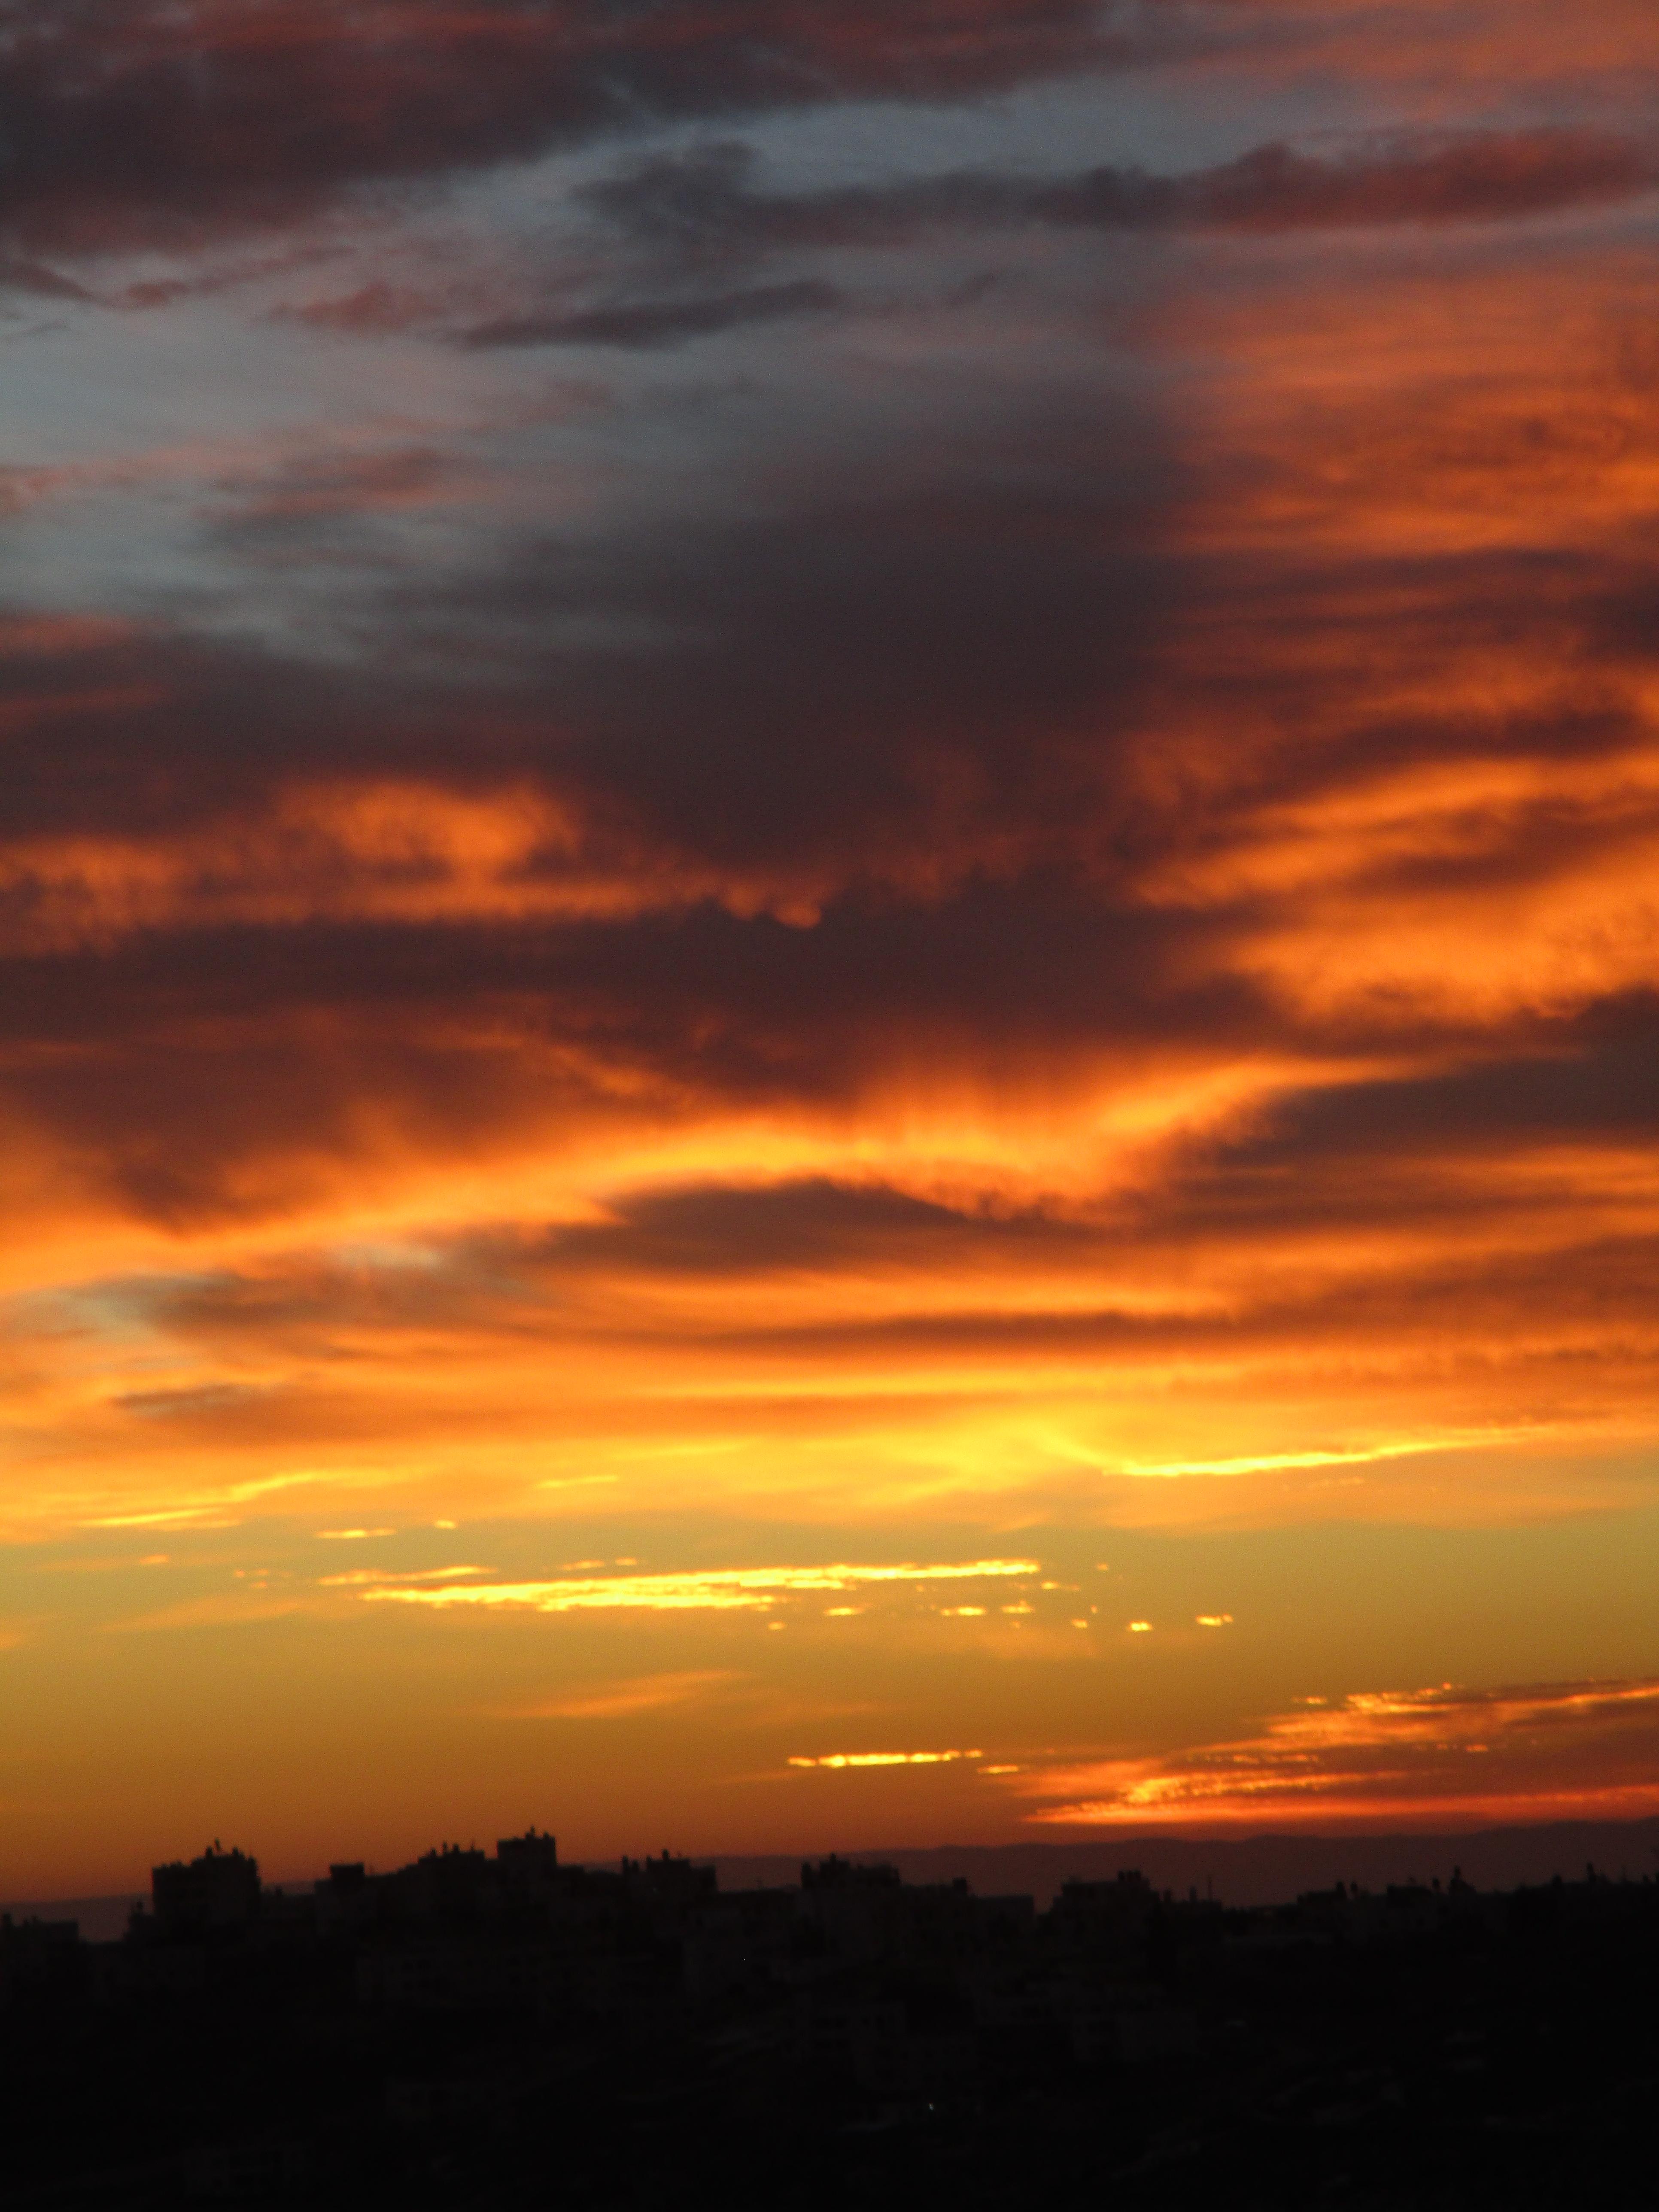 זריחה, שמיים אדומים, ברכות השחר